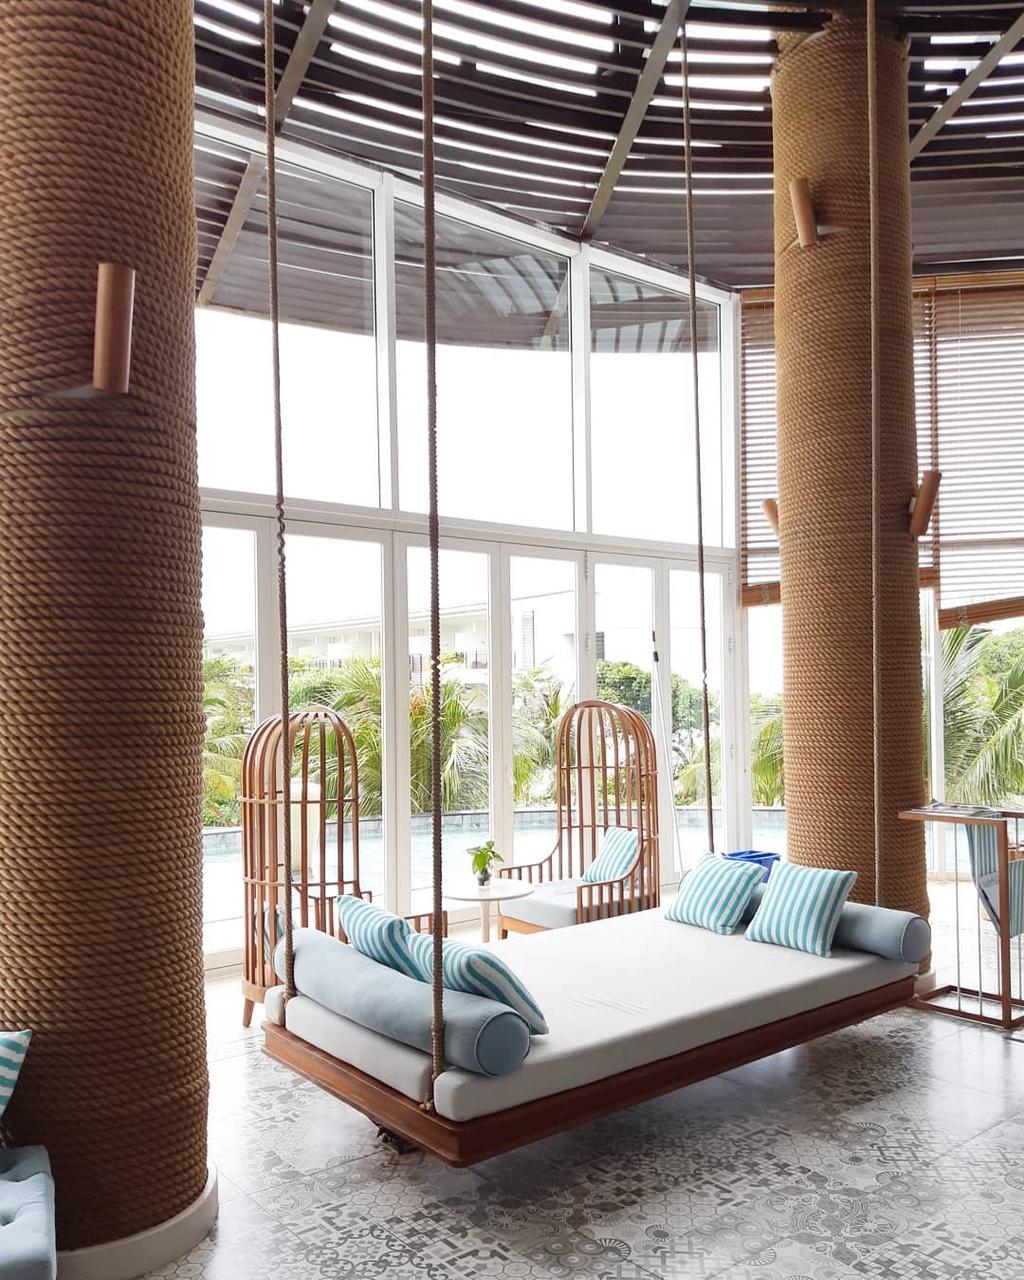 4 resort co ho boi dep tai Phu Quoc hinh anh 21  - 43817999_198600377708644_7729782033816731598_n - 4 resort có hồ bơi đẹp tại Phú Quốc